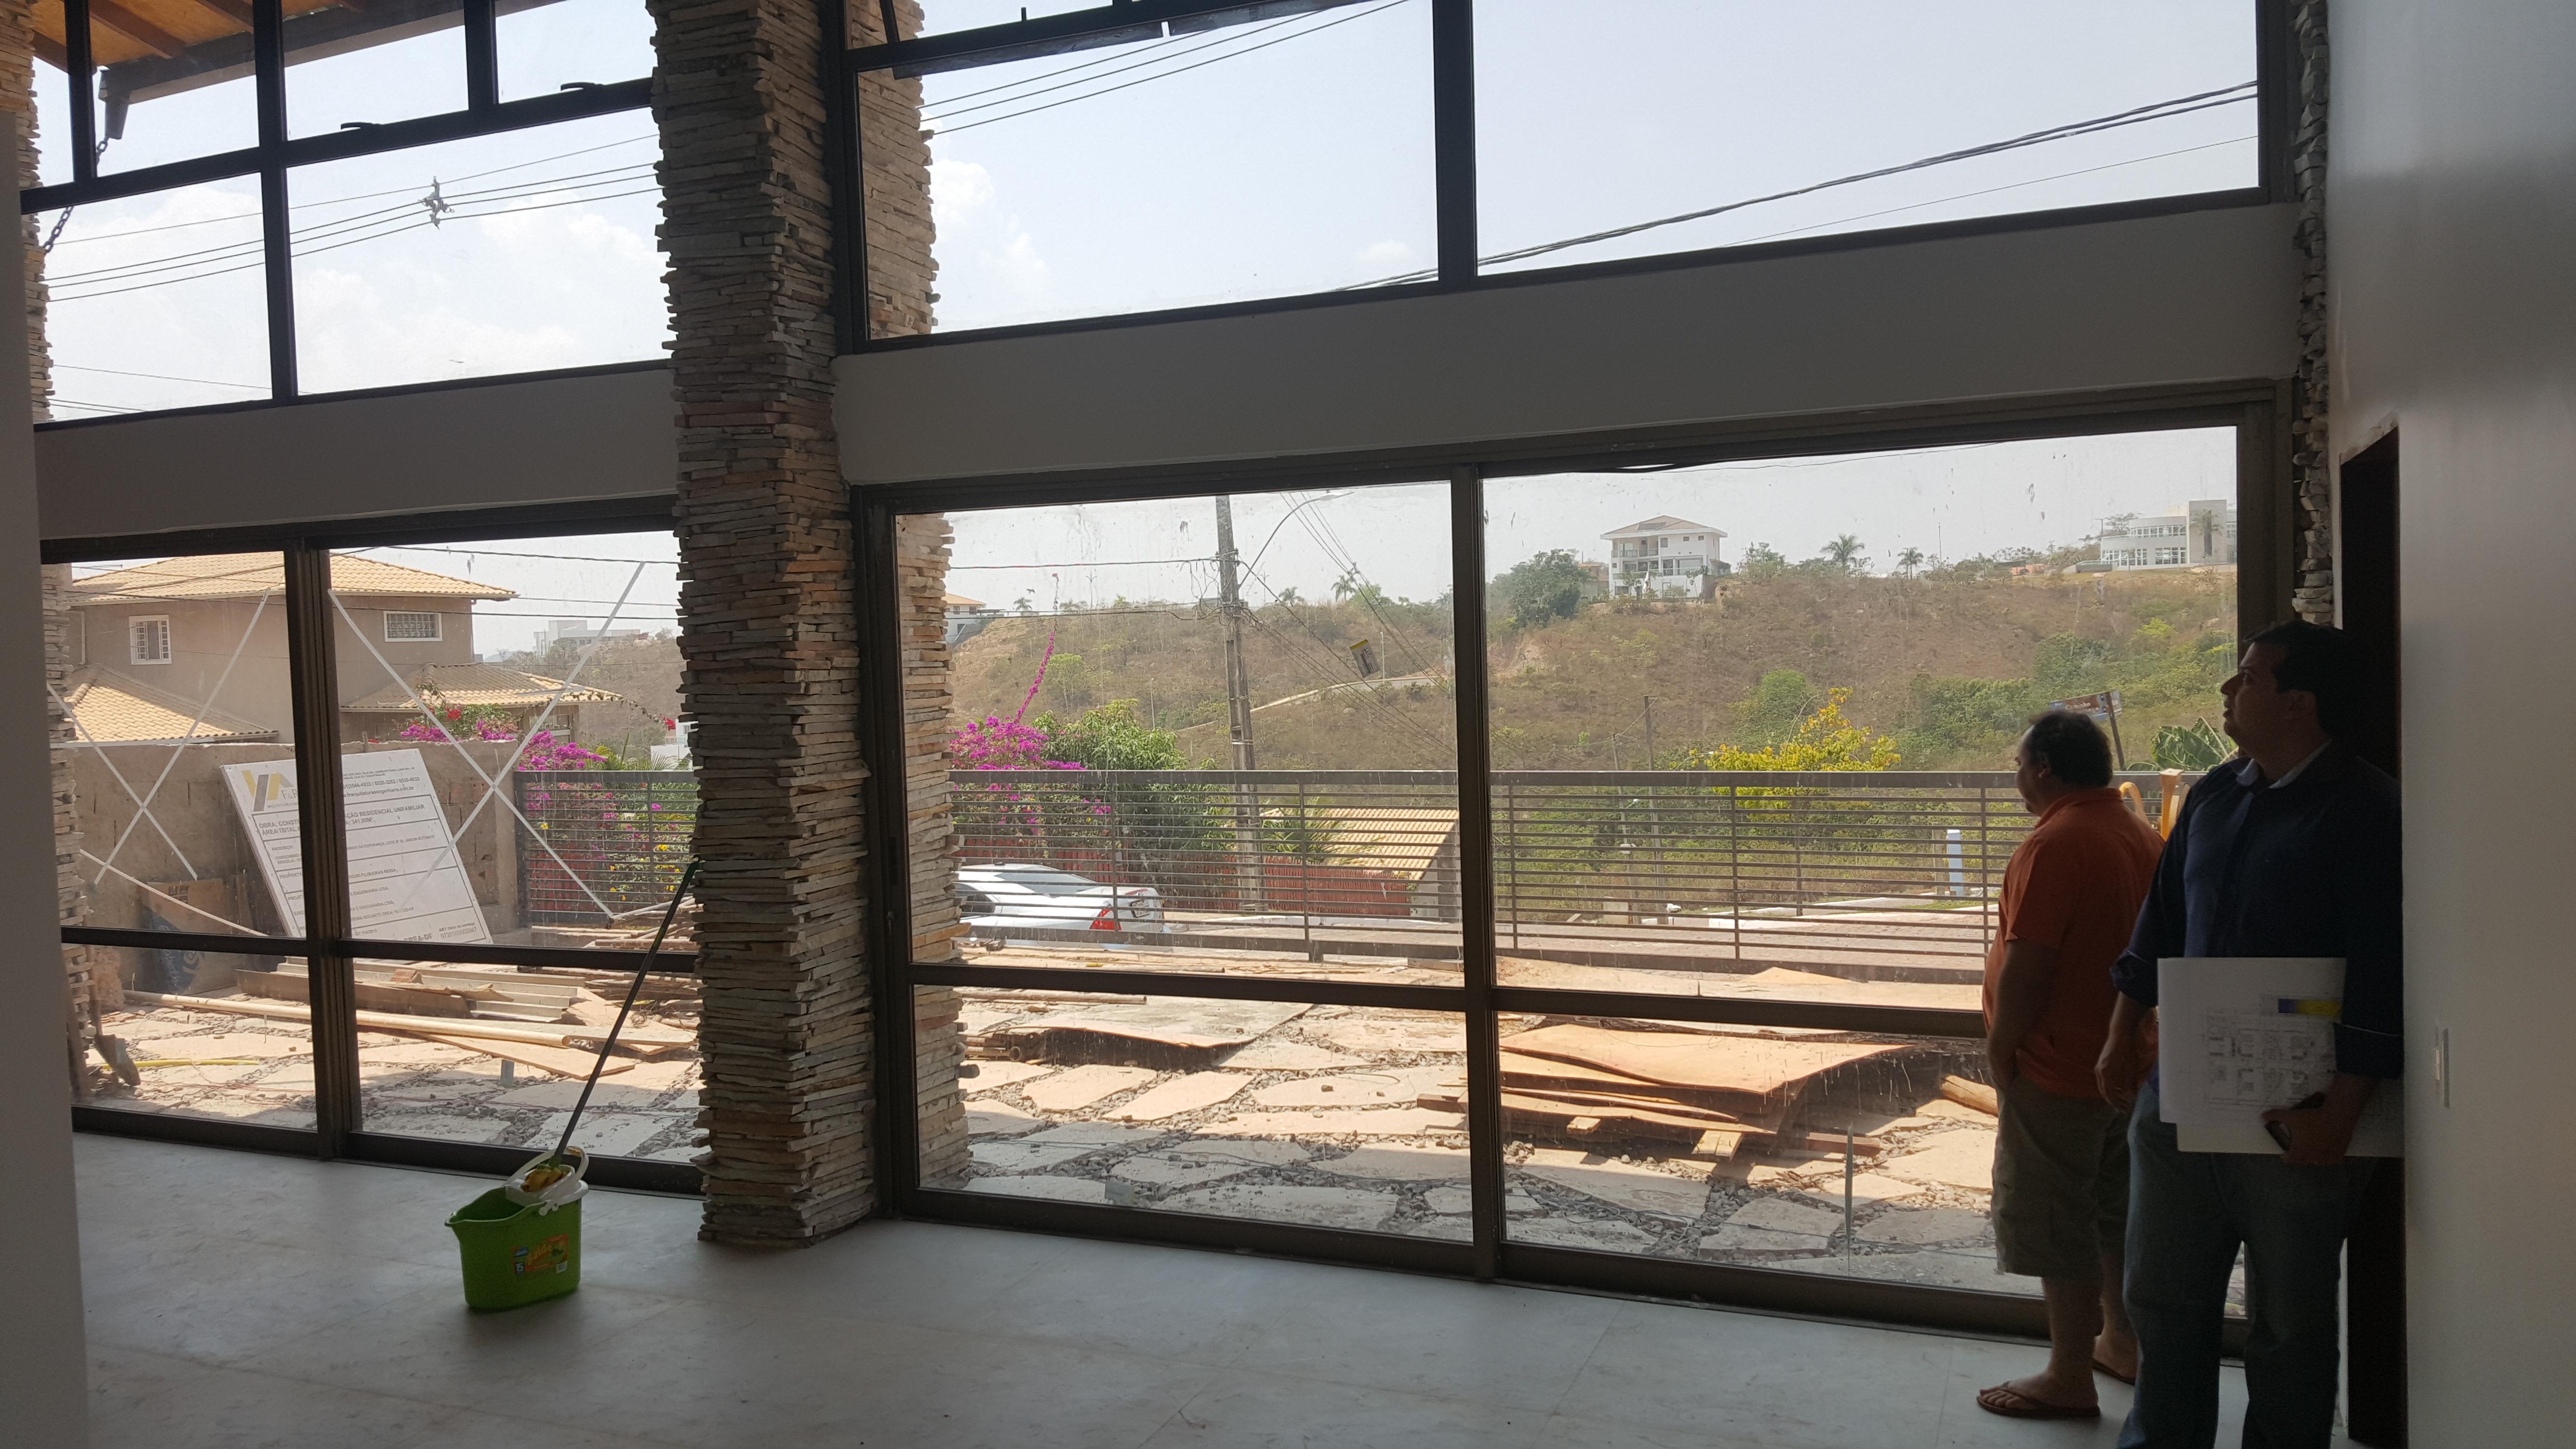 Empresa_de_Construção_em_Brasilia,_Distrito_Federal_-_DF_(20)